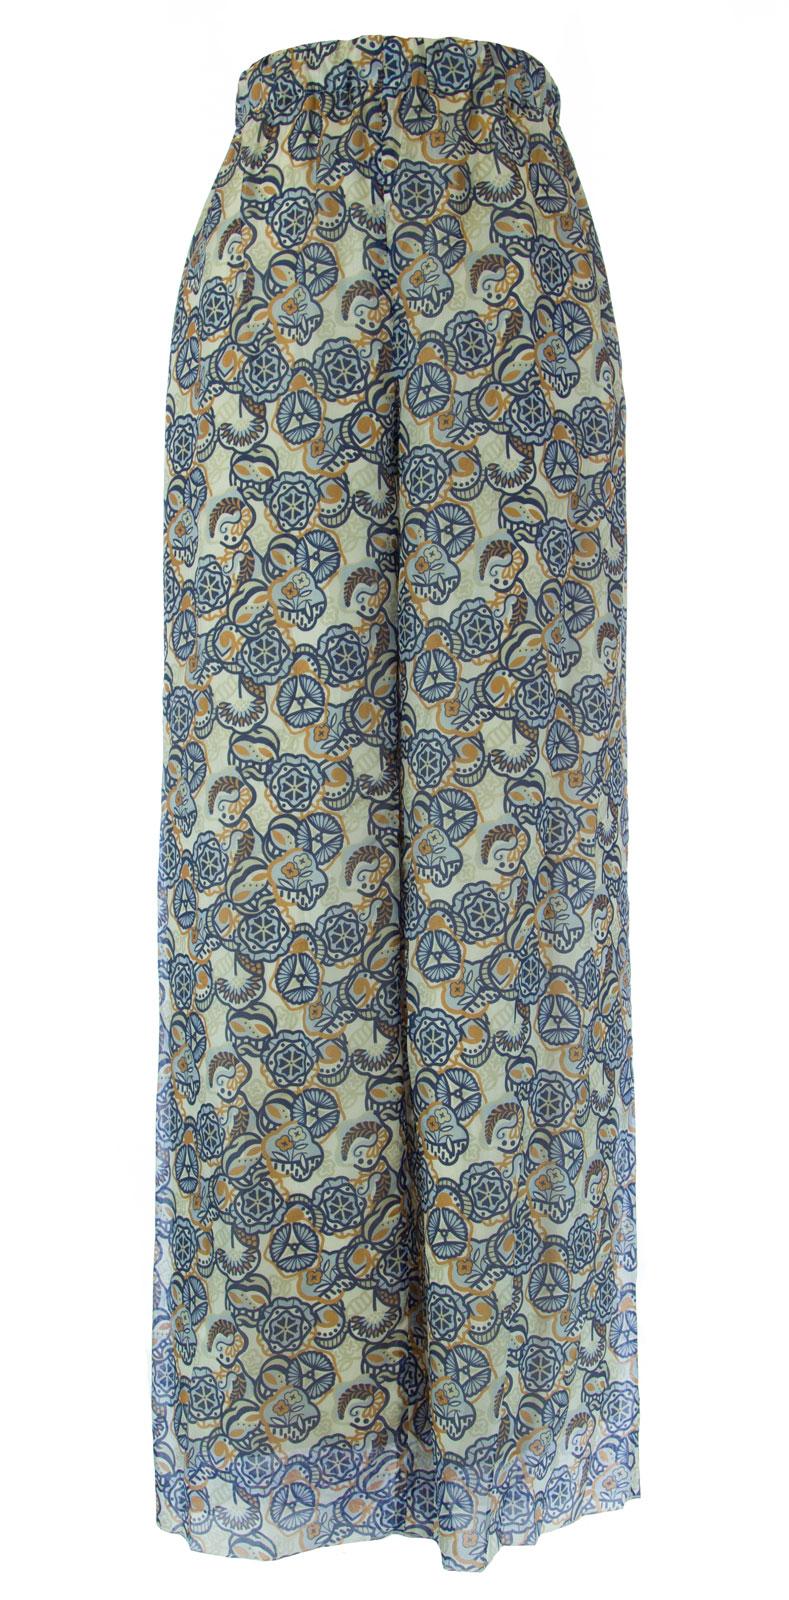 MARINA RINALDI by MaxMara Biliardo Multi-color Graphic Flared Pants  12W   21